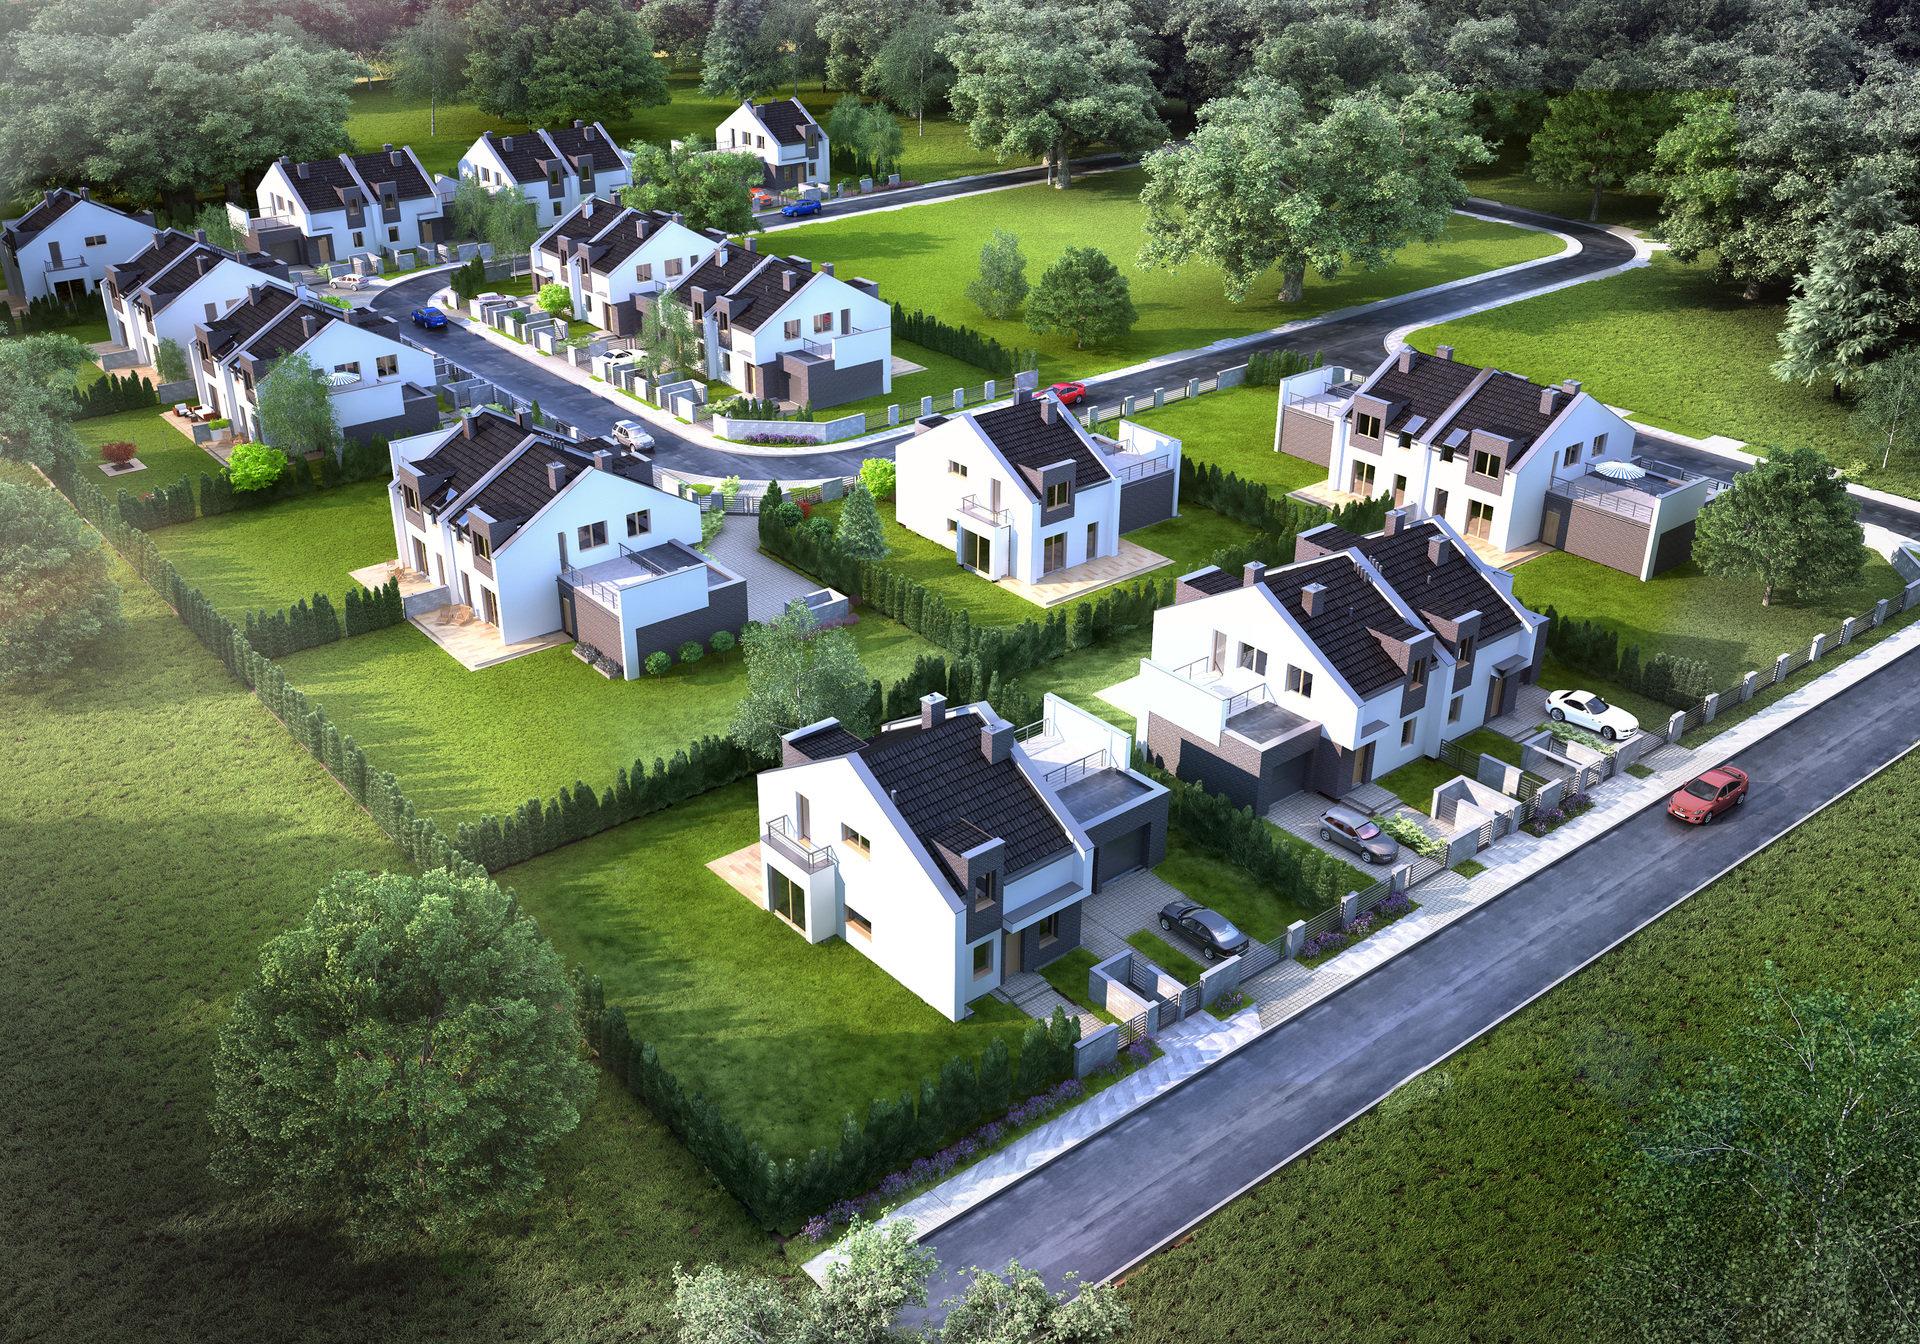 FB Antczak stawia na osiedla domów jednorodzinnych. Skąd ten trend?